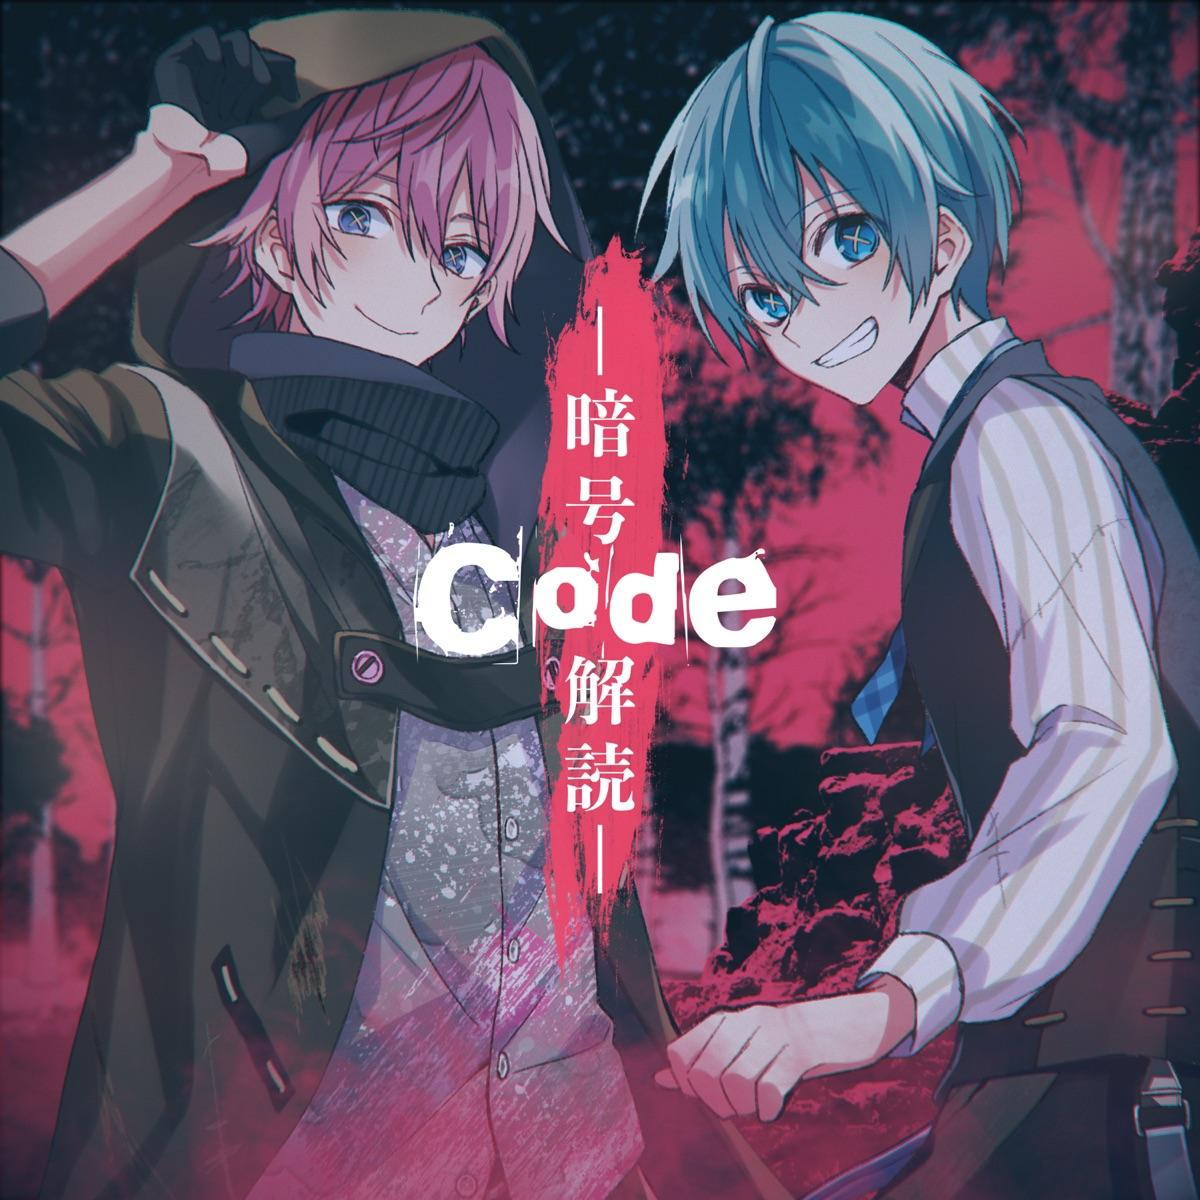 Code - 暗号解読 -の歌詞  コード あんごうかいどく     さとみ×ころん